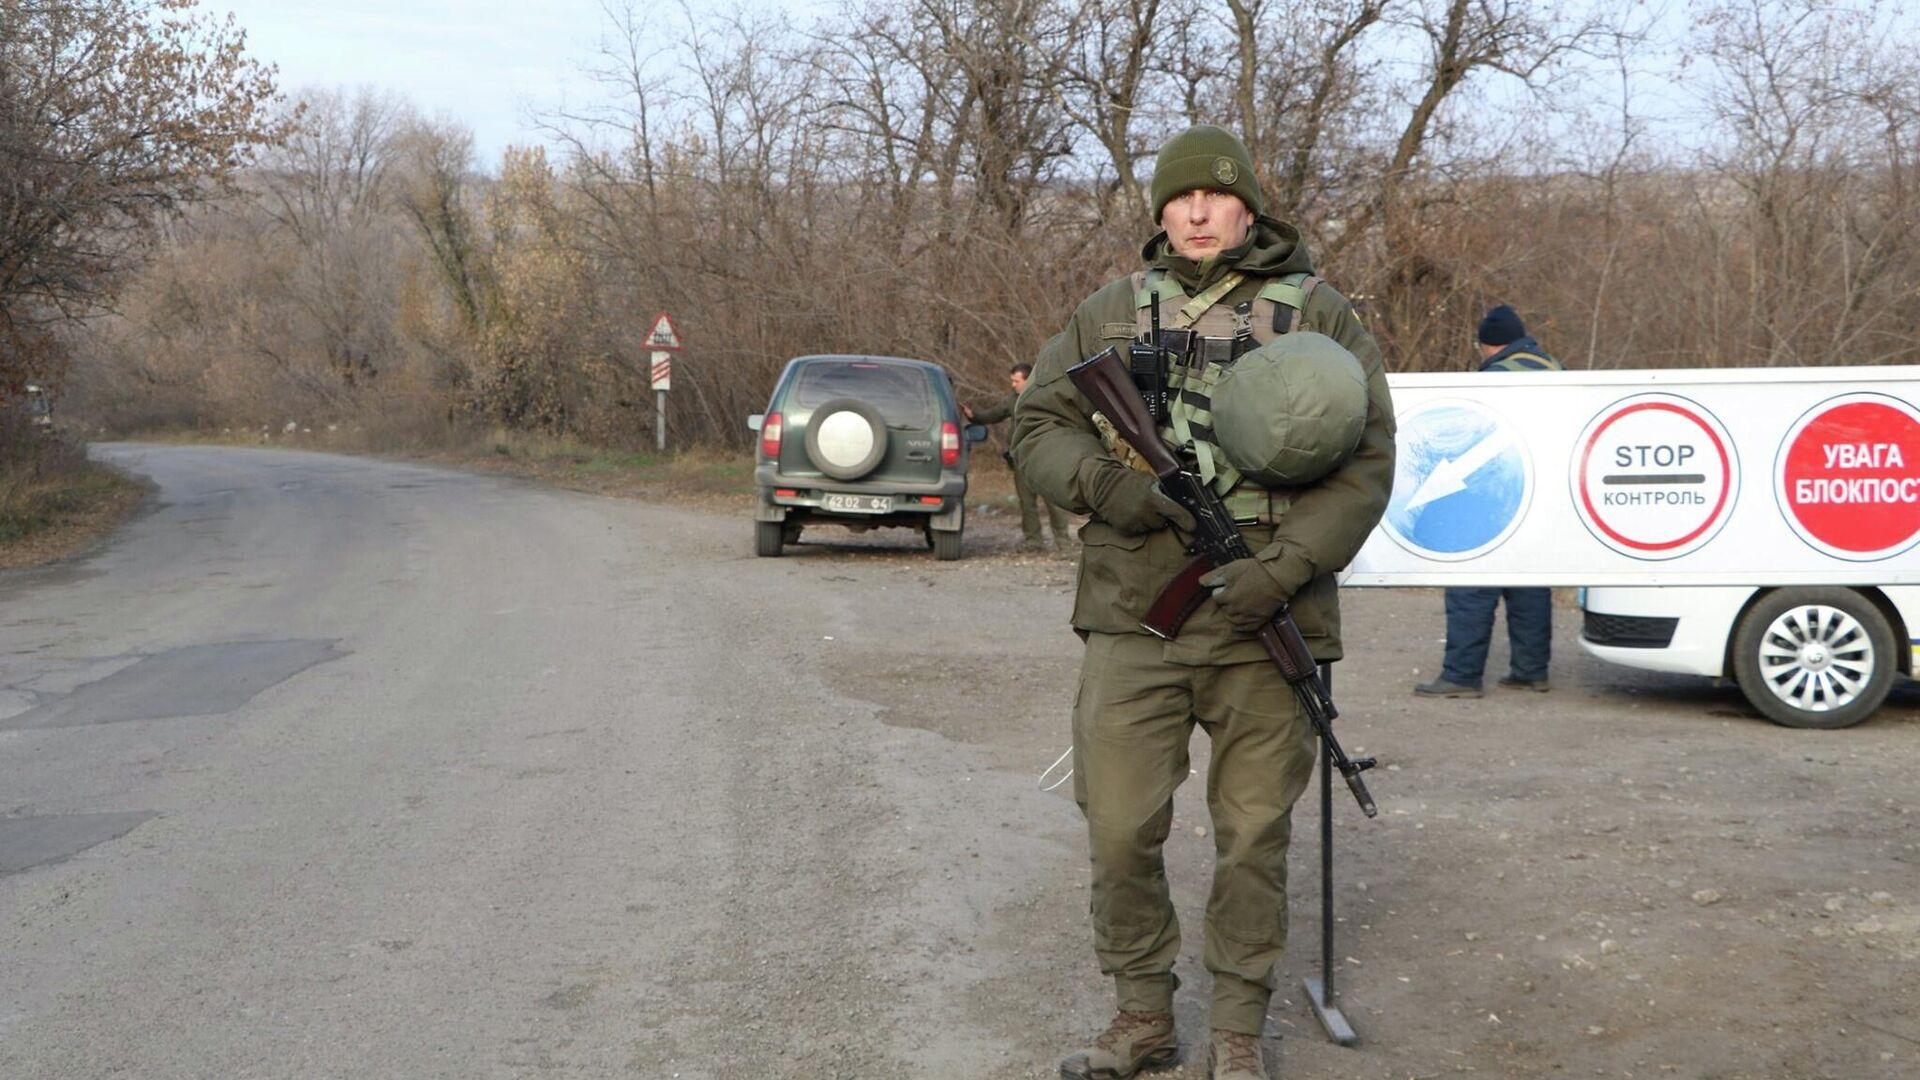 Украинские военнослужащие в районе поселка Золотое-4 - РИА Новости, 1920, 23.04.2021